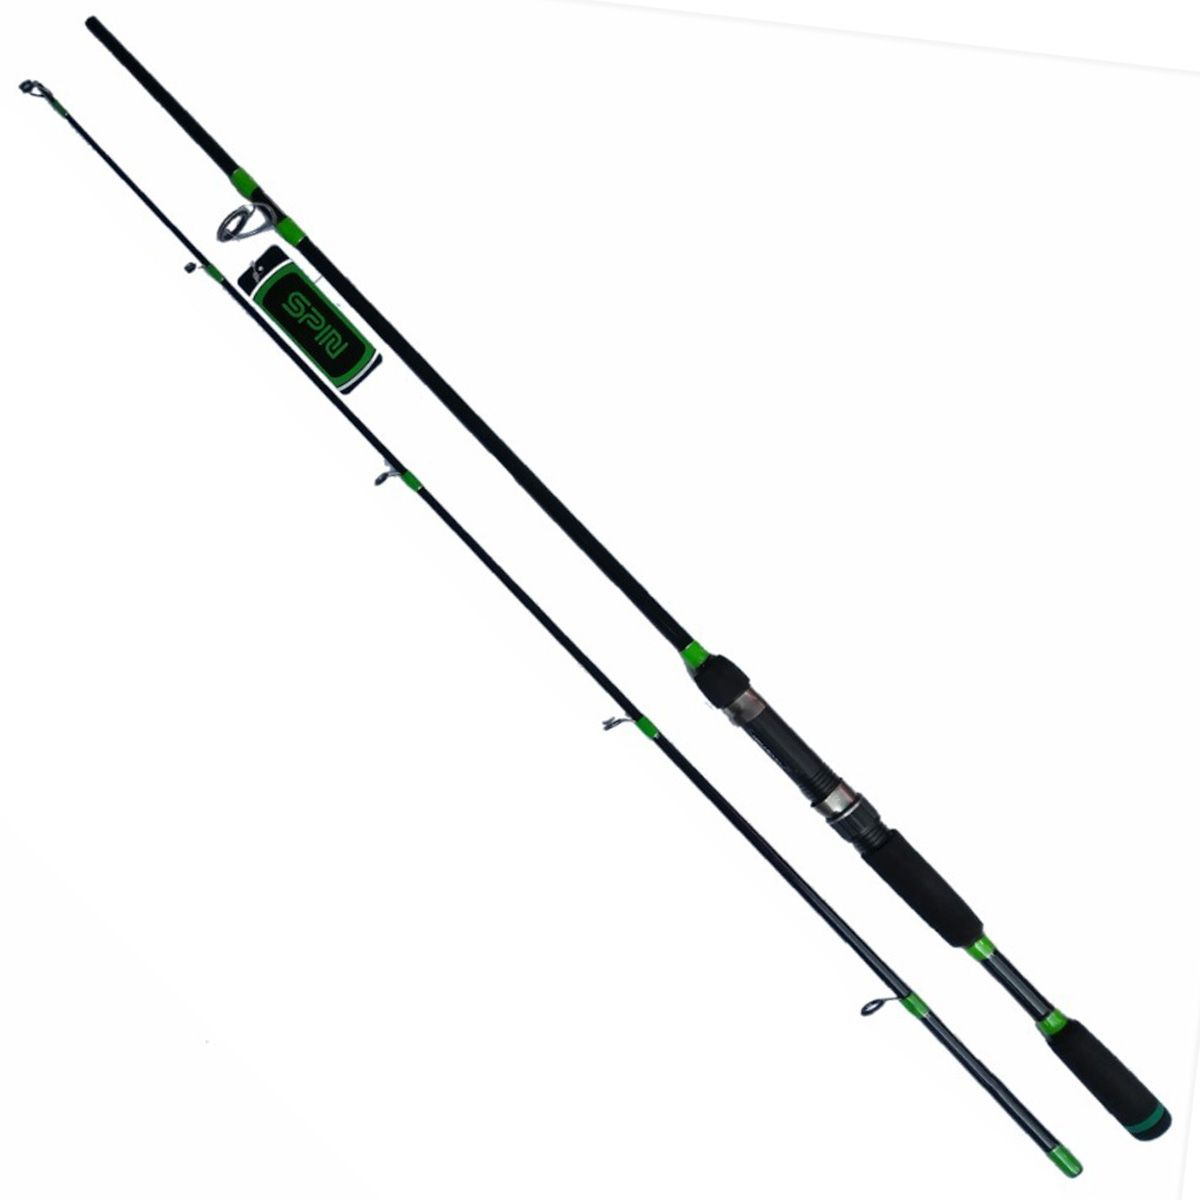 Vara para Carretilha Plusfish Spin 1,83m 10-20LB Preto com Detalhes Verde